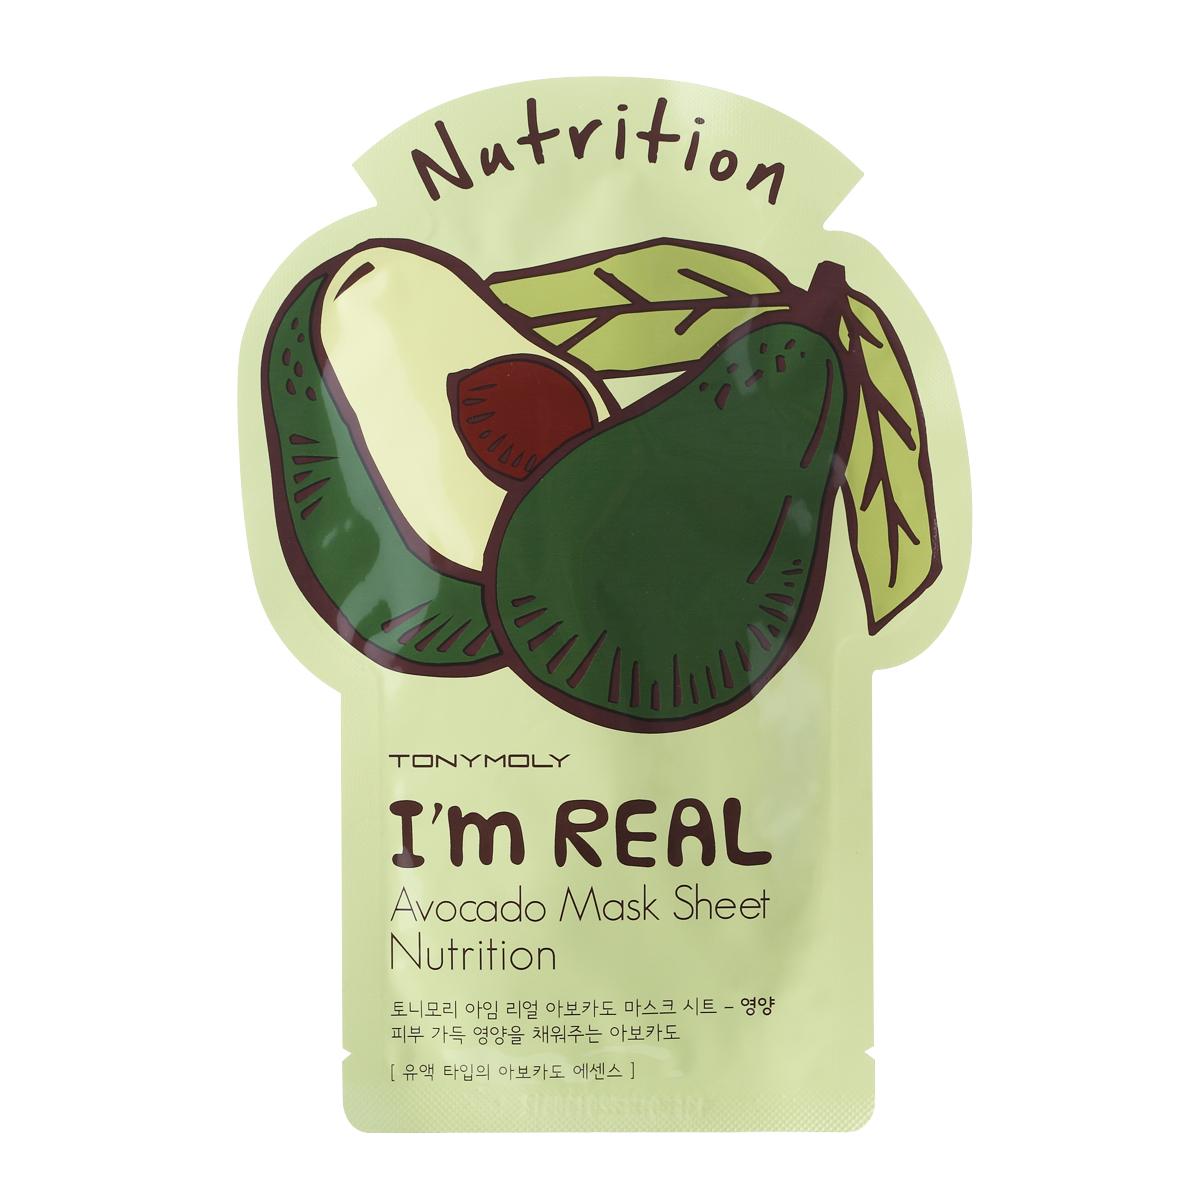 TonyMoly Тканевая маска с экстрактом авокадо Im Real Avocado Mask Sheet, 21 млSS05015200Маска состоит из трех слоев, благодаря чему обеспечивается более интенсивное и глубокое проникновение активных веществ. Маска плотно прилегает к коже и блокирует доступ воздуха, благодаря чему активные вещества проникают еще глубже в клетки кожи. Экстракт авокадо питает, смягчает и успокаивает кожу, придает ей мягкость, бархатистость и выравнивает тон лица. Применение маски снимет тусклость кожи, улучшит эластичность, повысит тонус и подарит коже упругость. Марка Tony Moly чаще всего размещает на упаковке (внизу или наверху на спайке двух сторон упаковки, на дне банки, на тубе сбоку) дату изготовления в формате: год/месяц/дата.